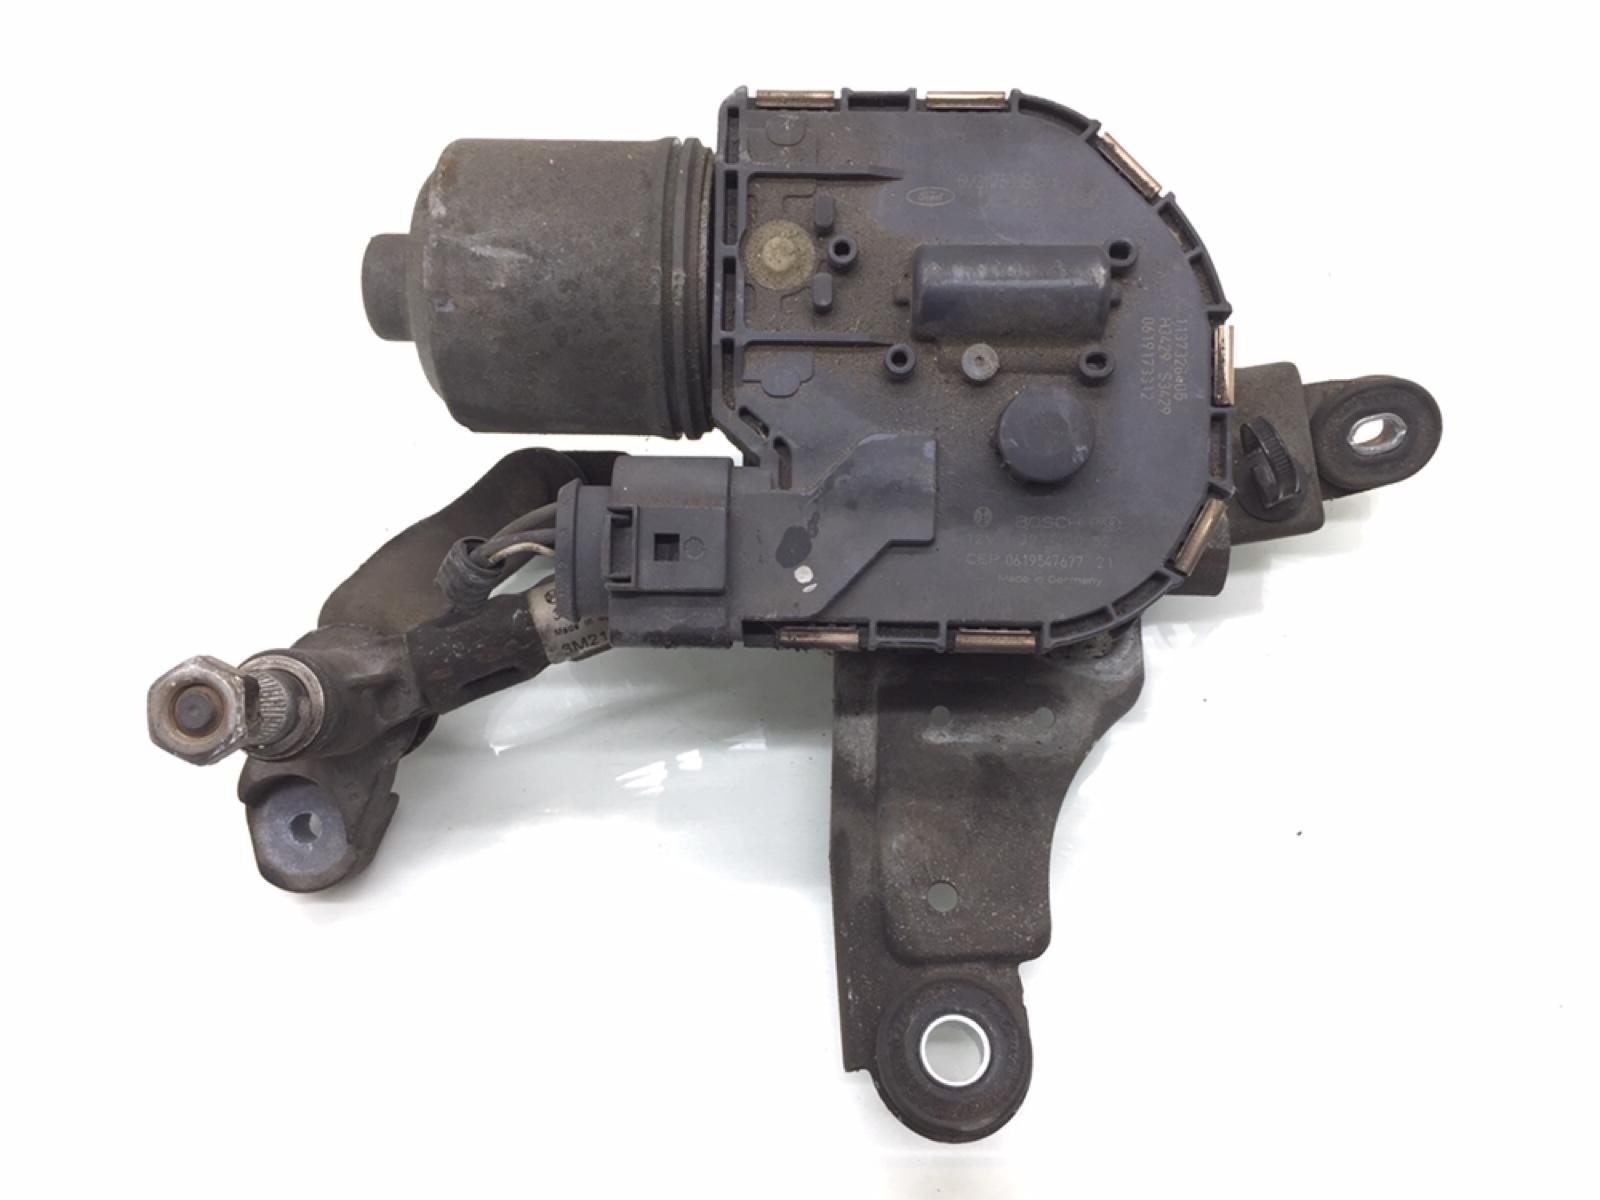 Моторчик передних стеклоочистителей (дворников) Ford S-Max 1.8 TDCI 2006 (б/у)